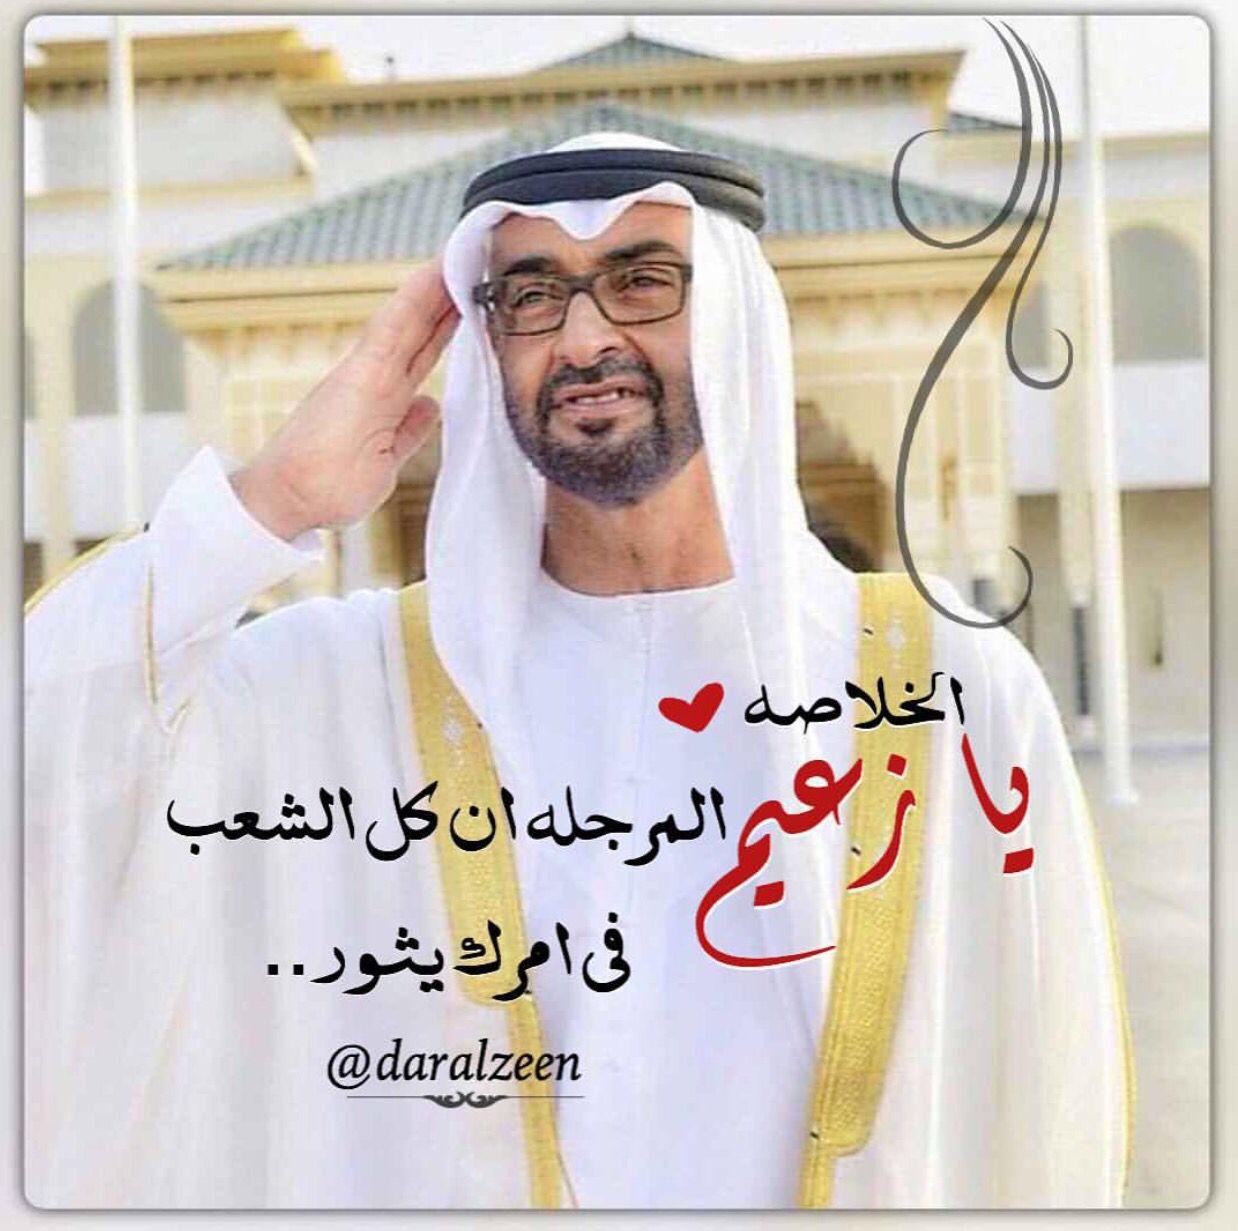 محمد بن زايد Abu Dhabi Travel Royal Family Dubai